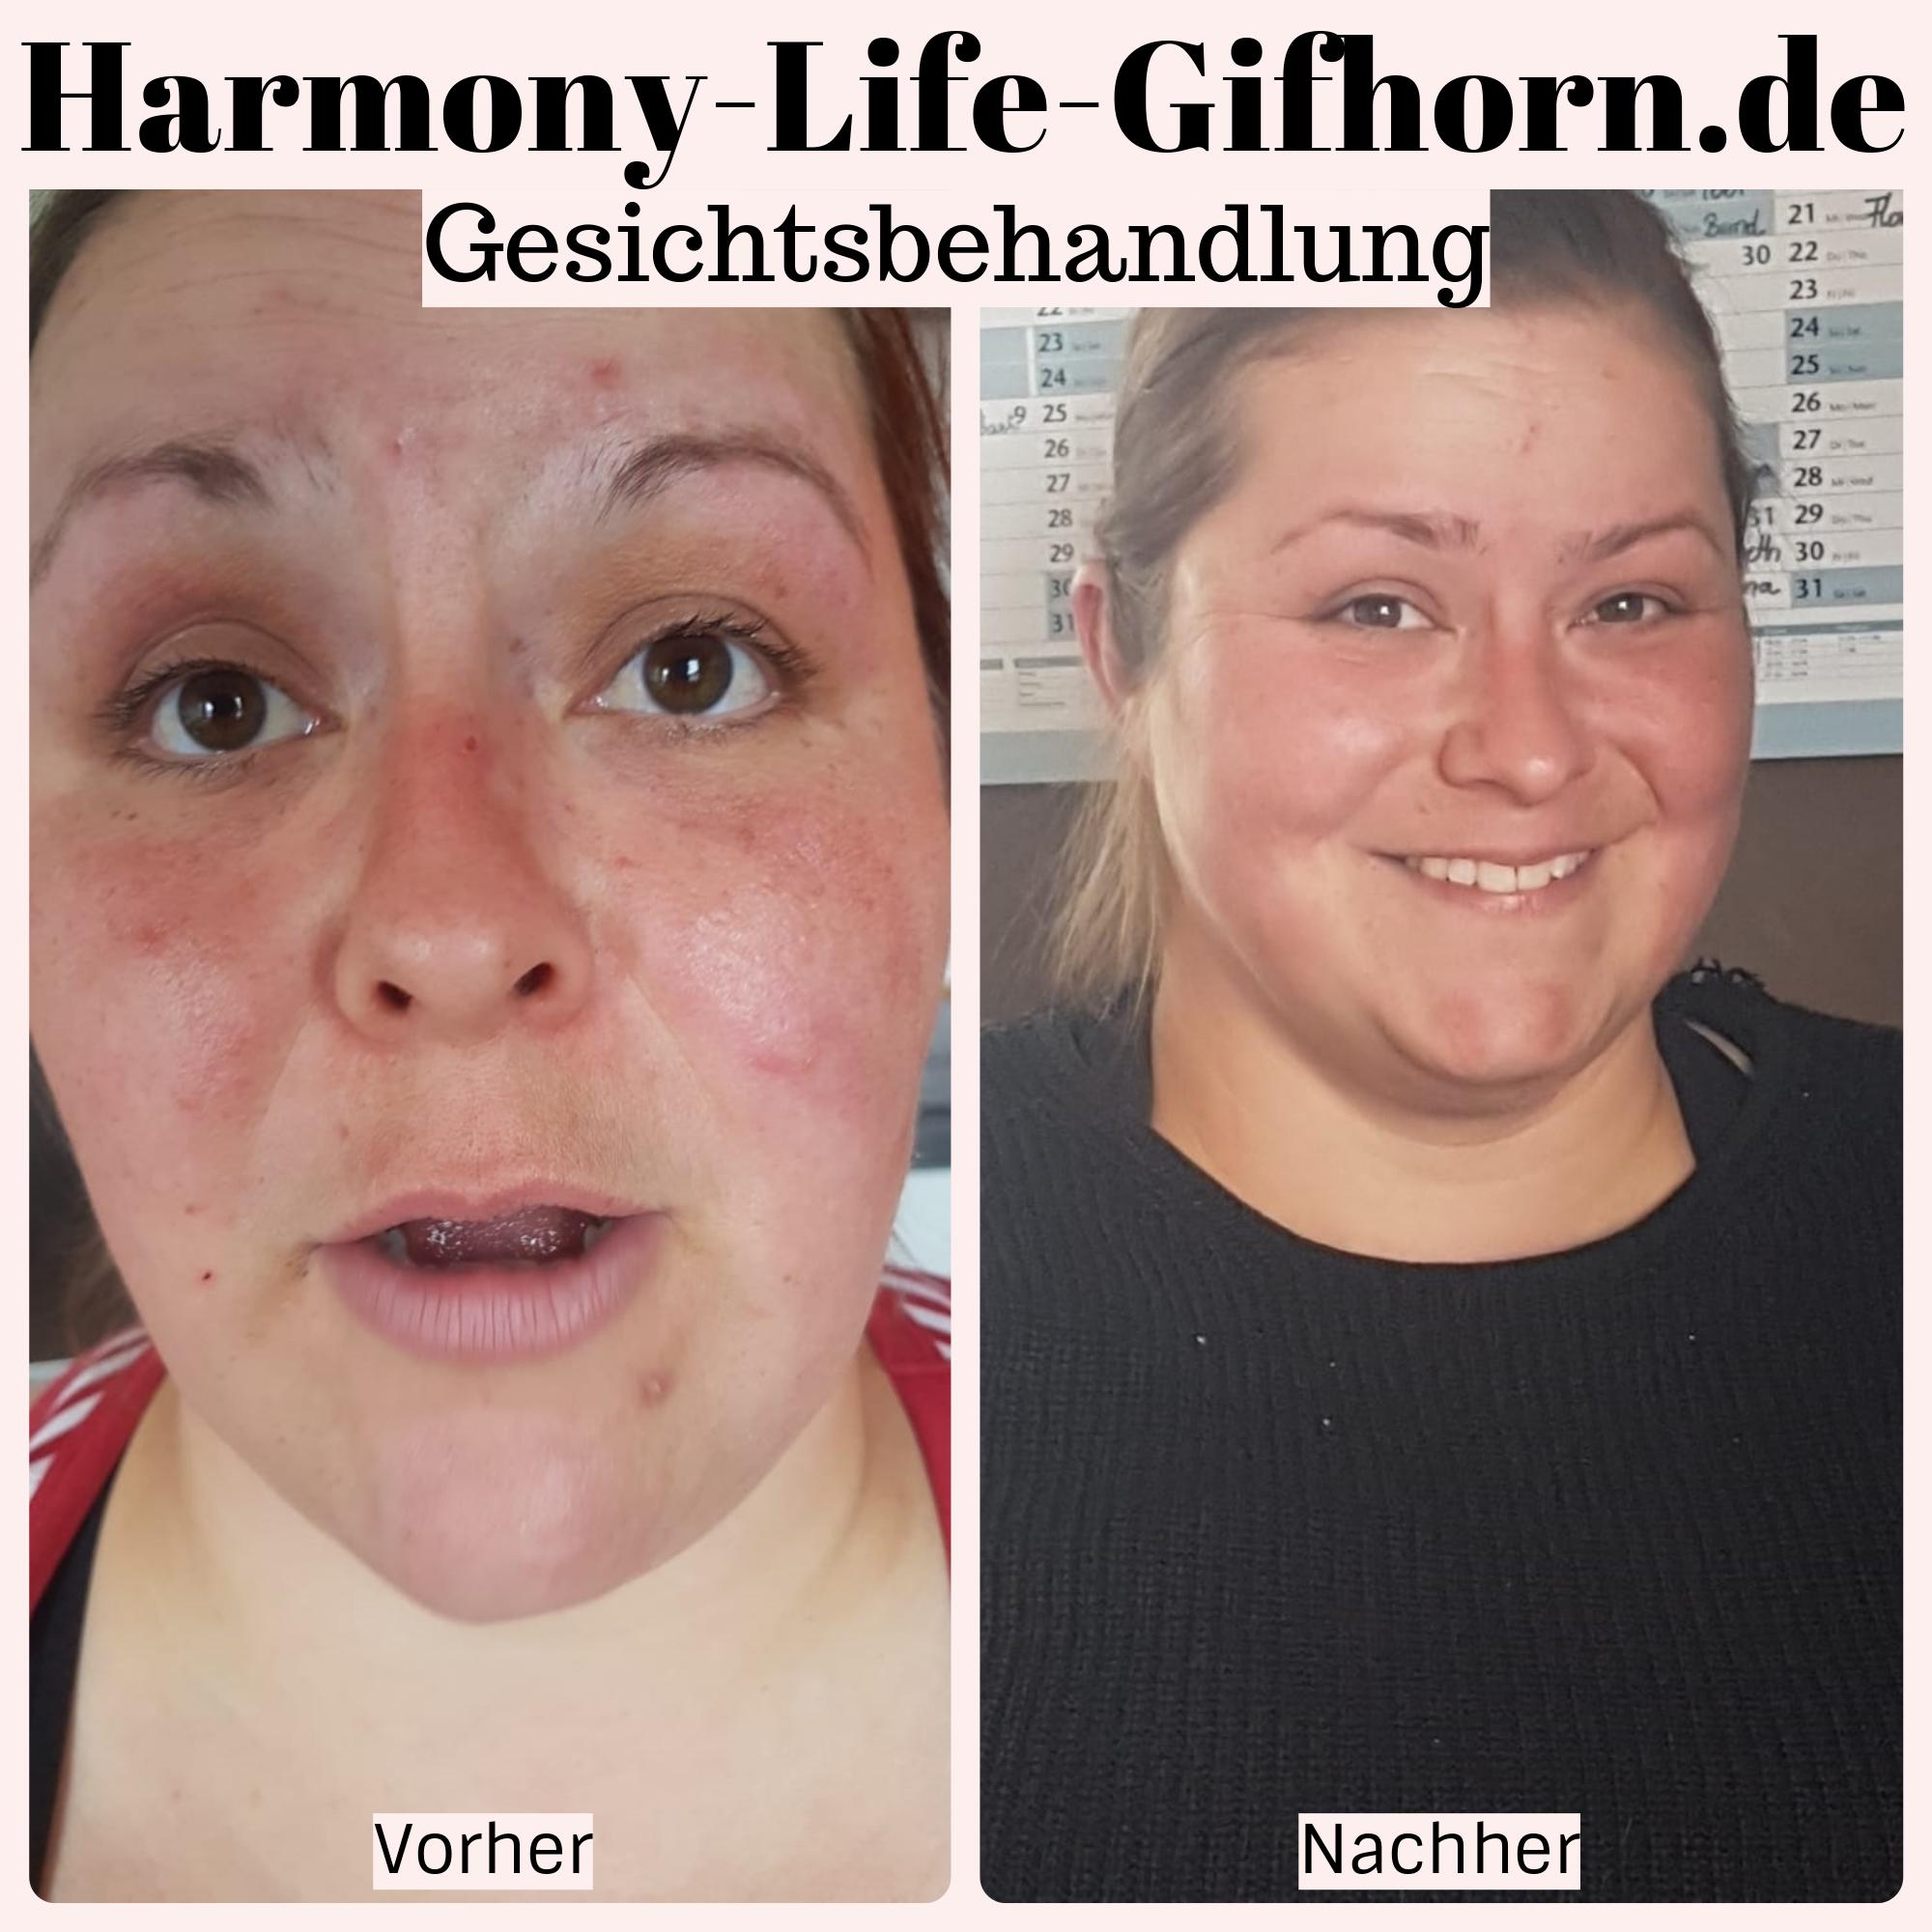 Gesichtsbehandlung Vorher / Nachher